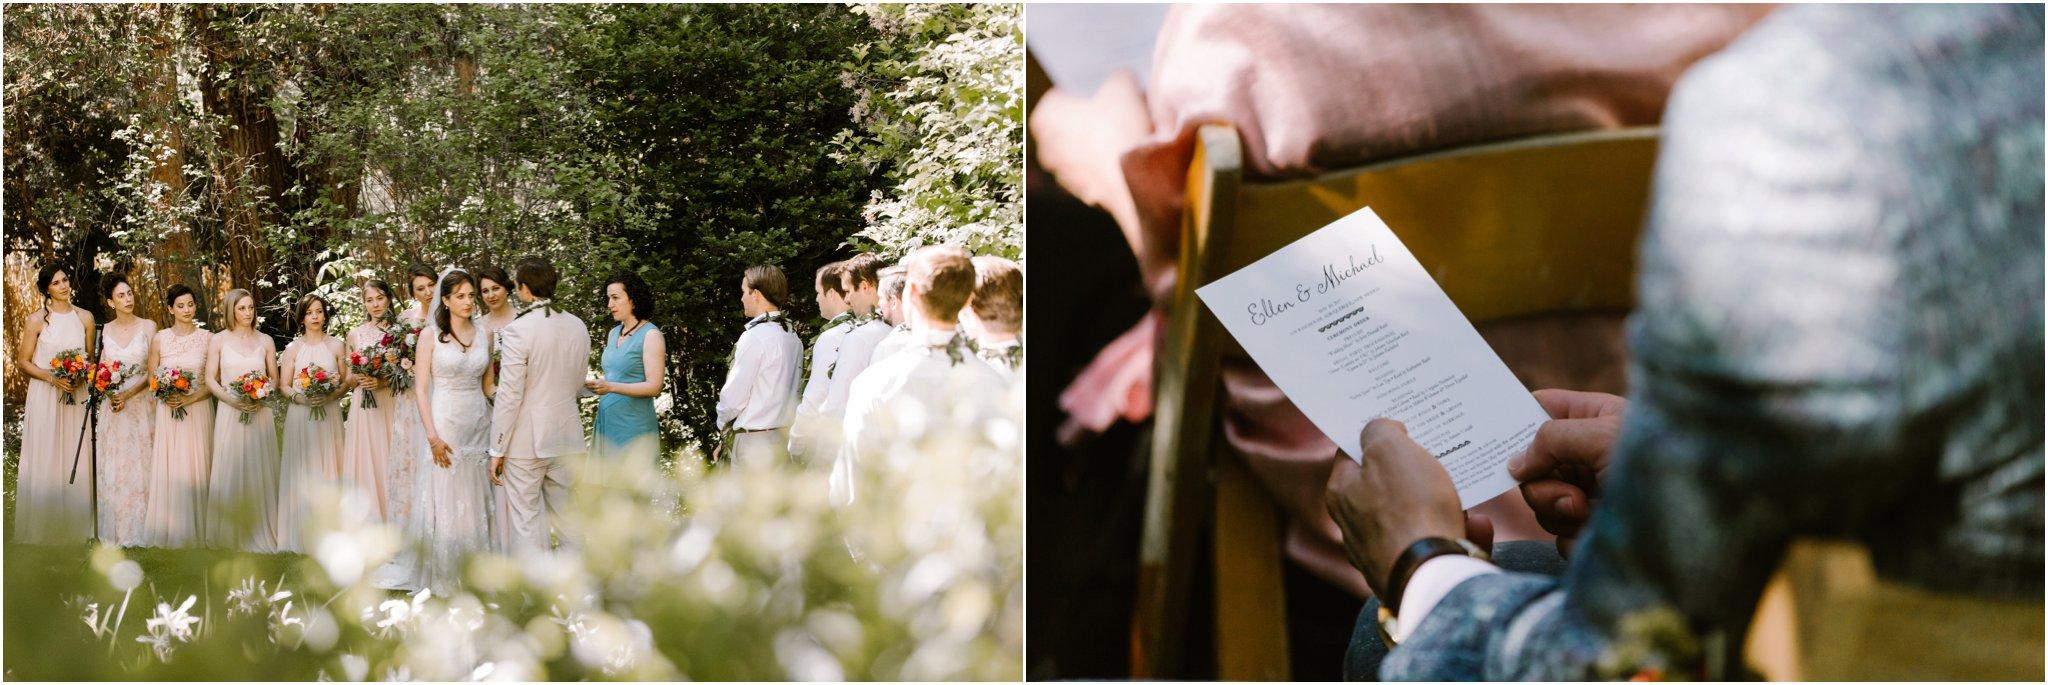 0267Los Poblanos Weddings Blue Rose Photography Studios